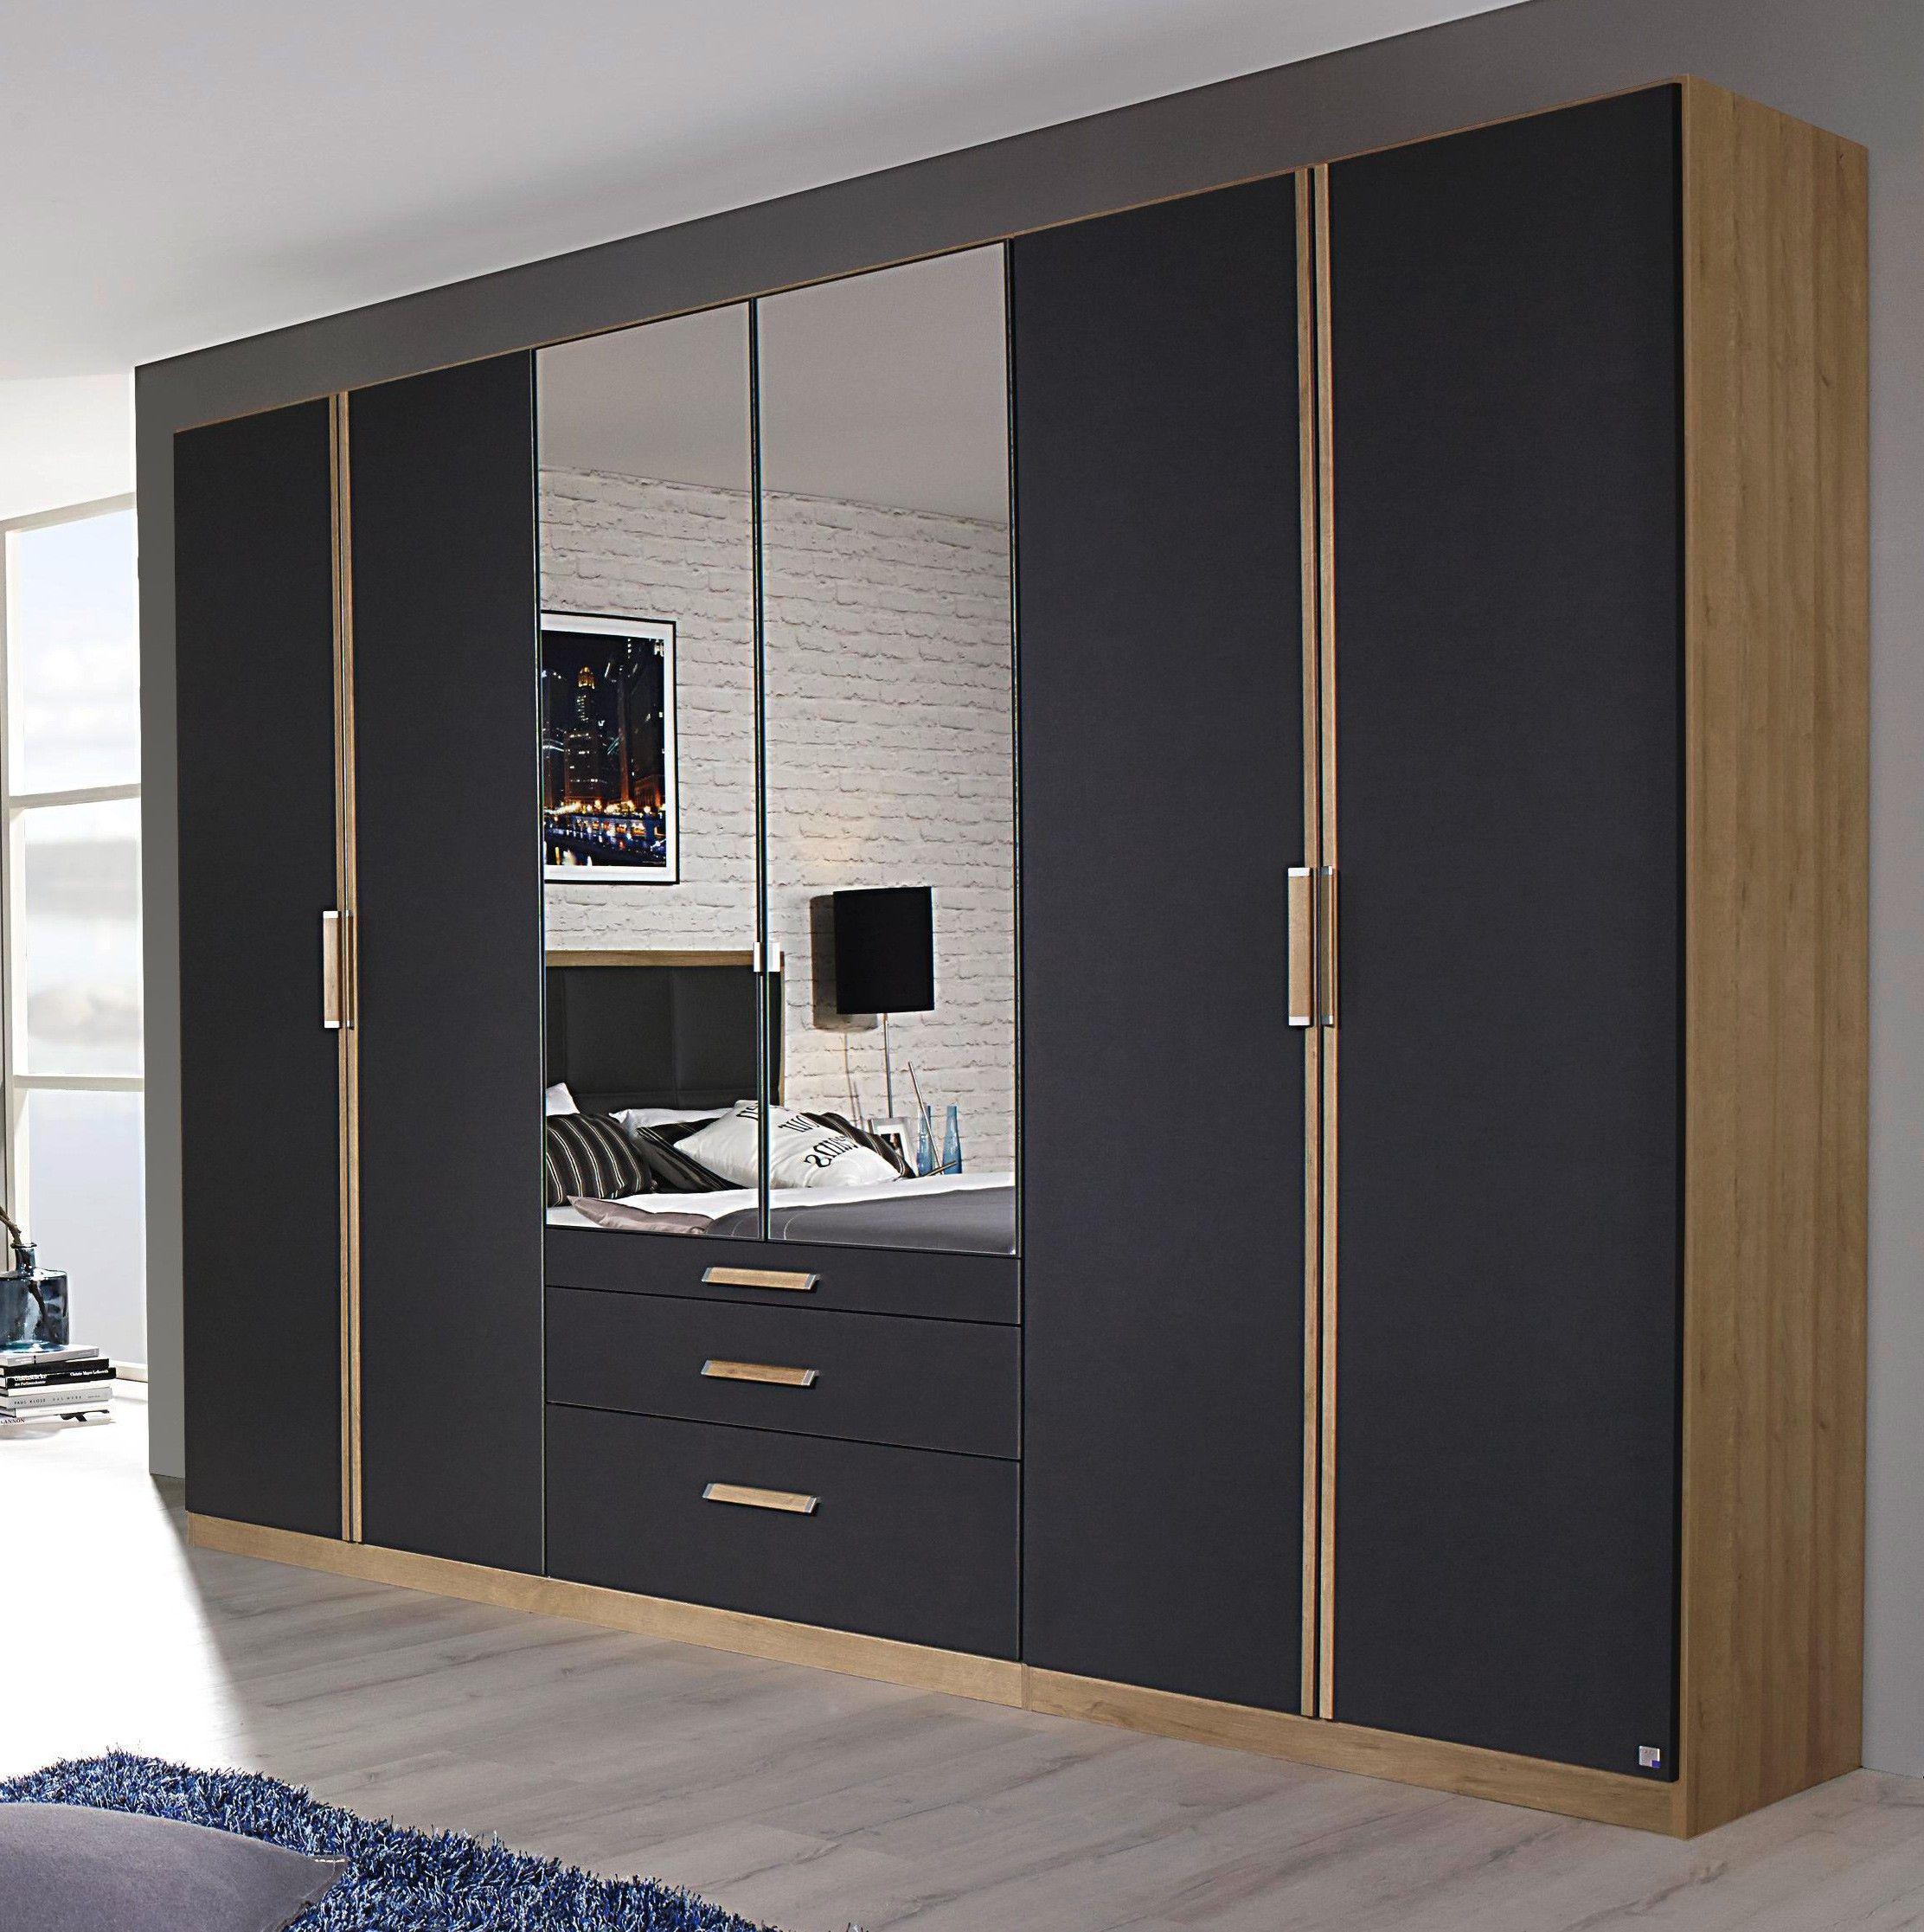 Armoire Dressing Chambre Adulte armoire contemporaine 271 cm chêne/gris ursula i en 2020